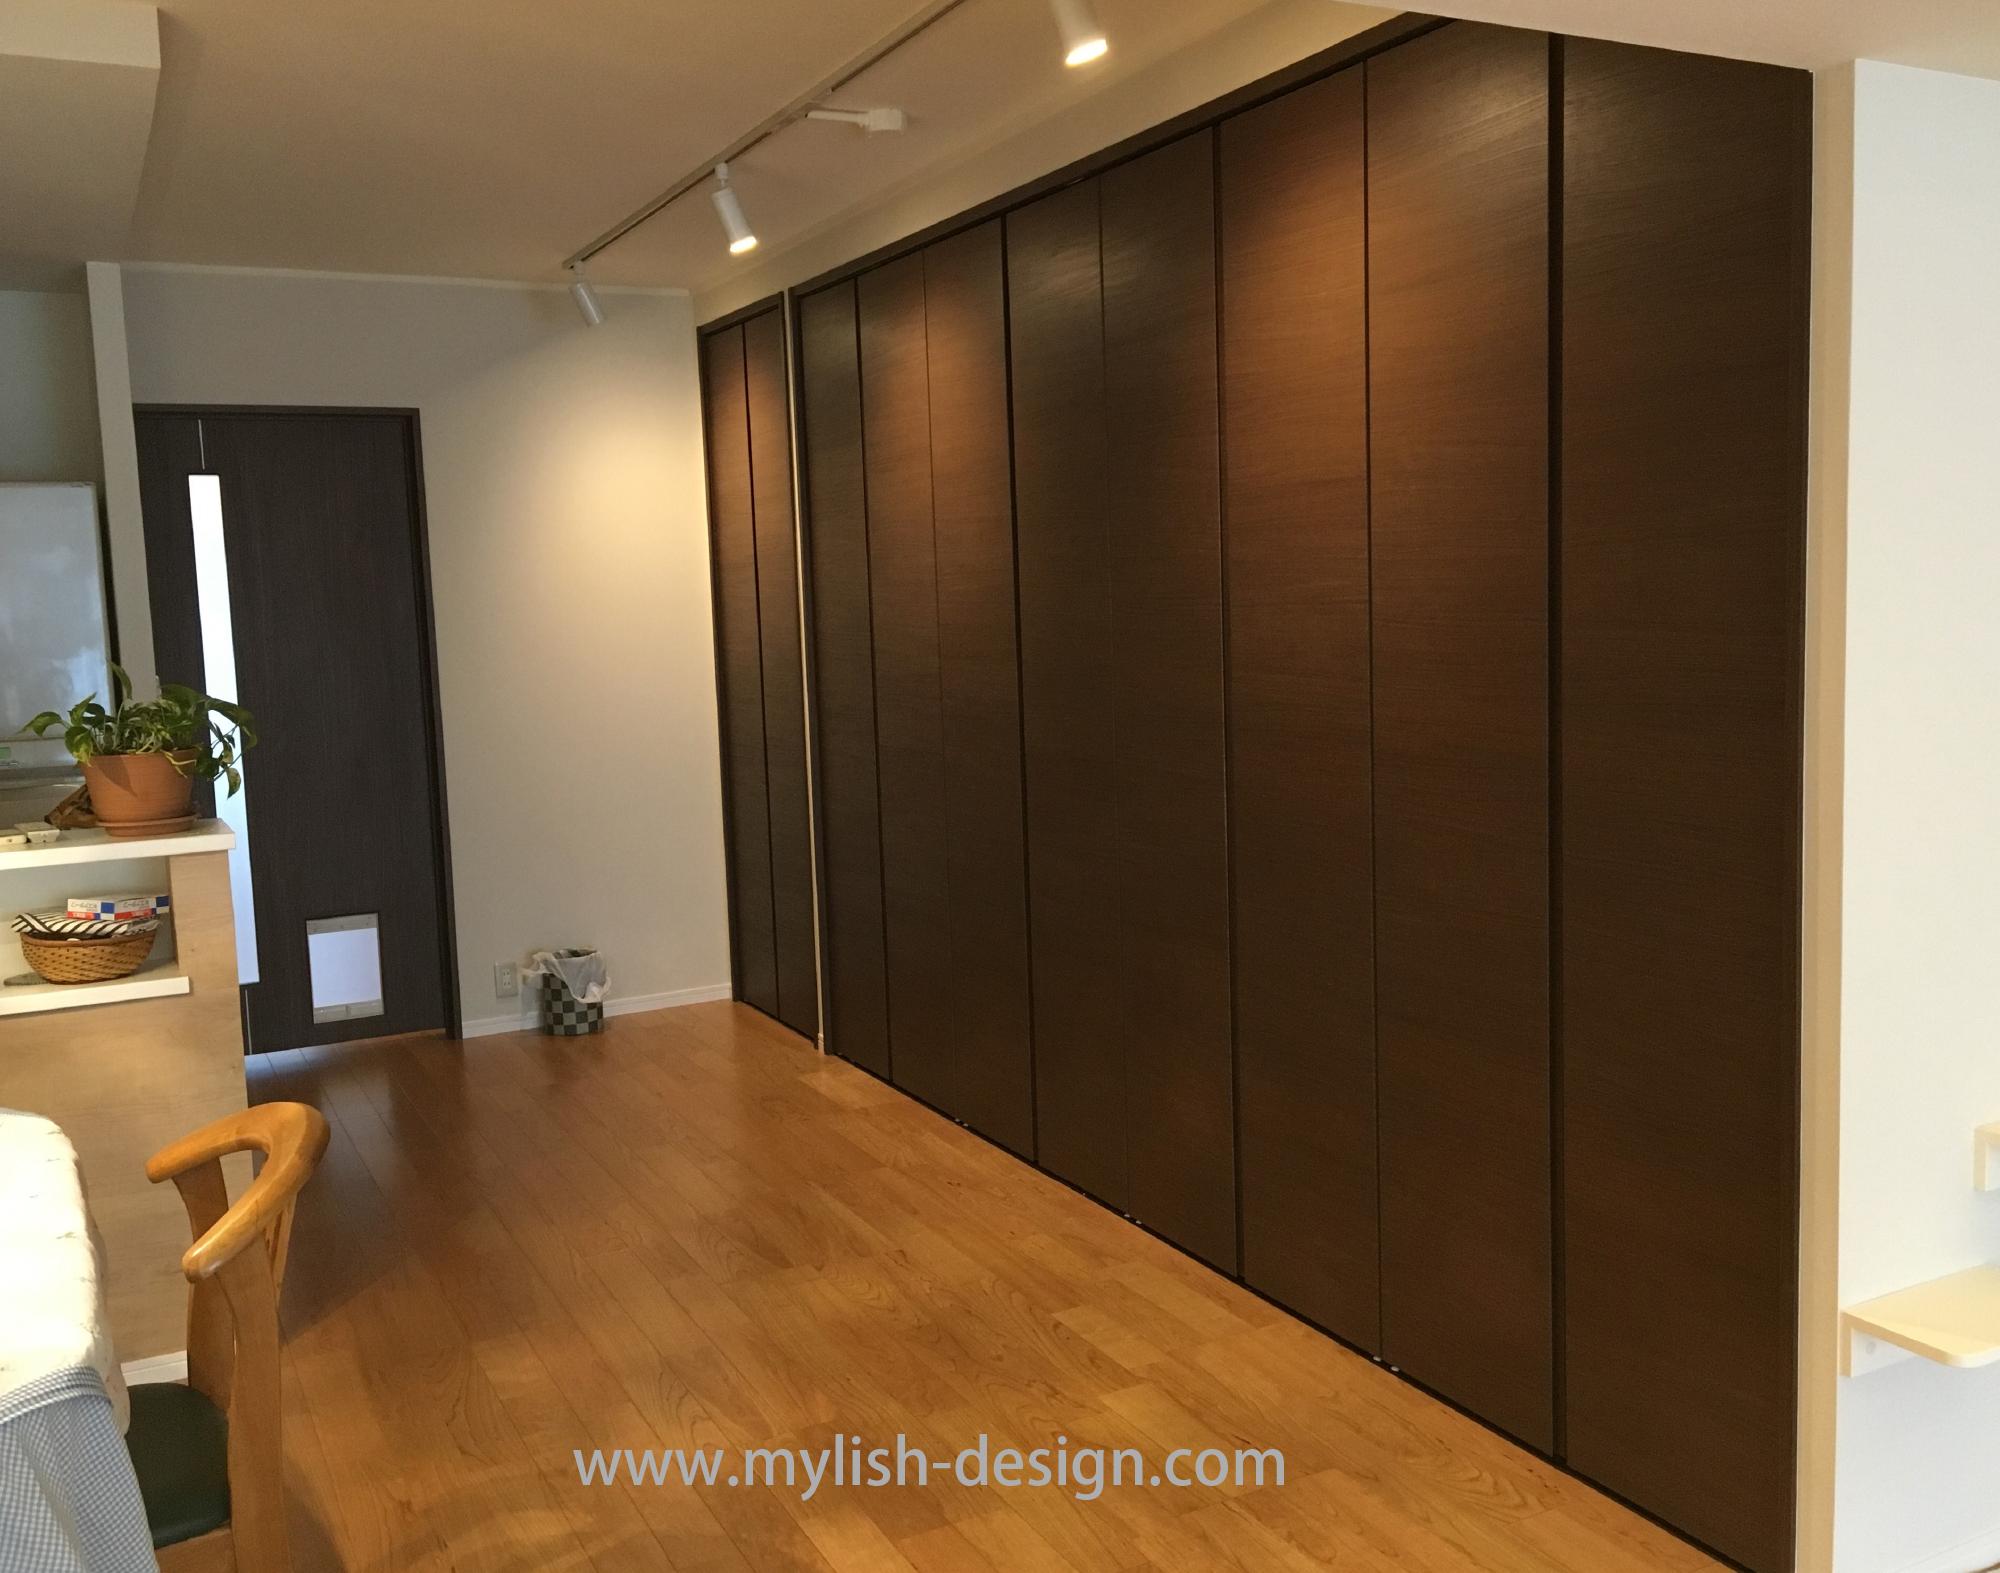 壁面はクローゼット収納に。奥行きを85cmにして布団なども収納できるように。